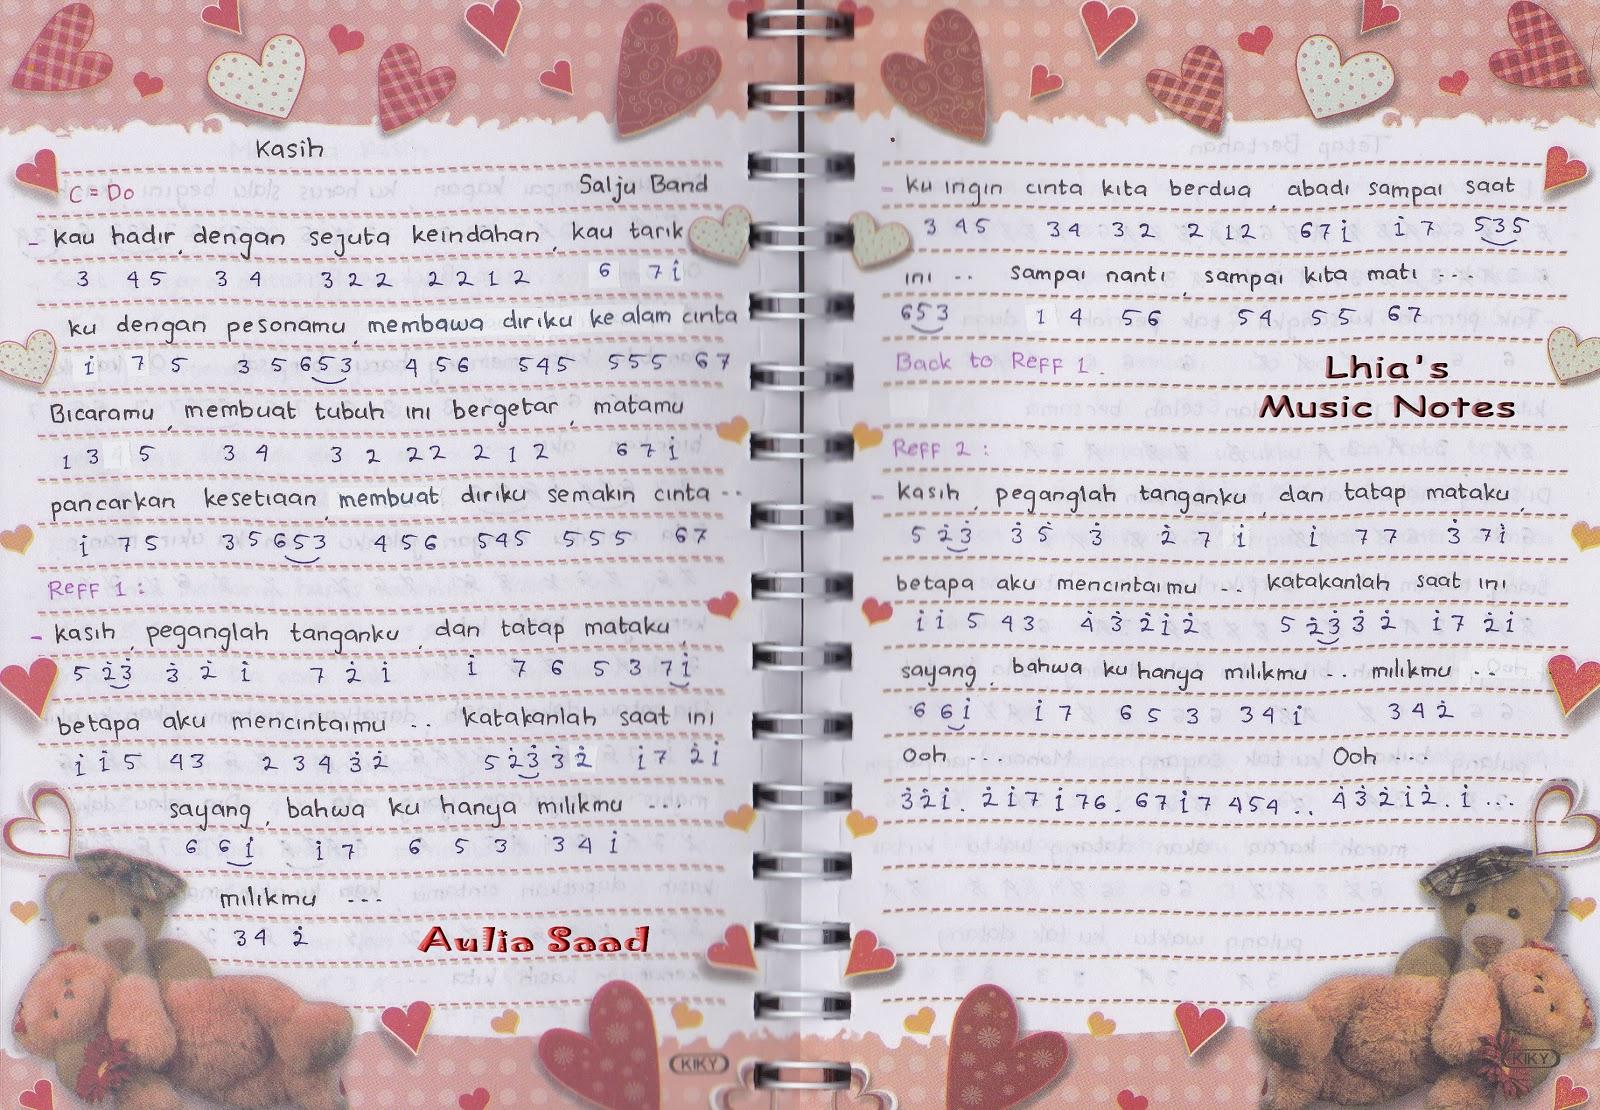 Not Angka Salju Kasih Lhias Music Notes